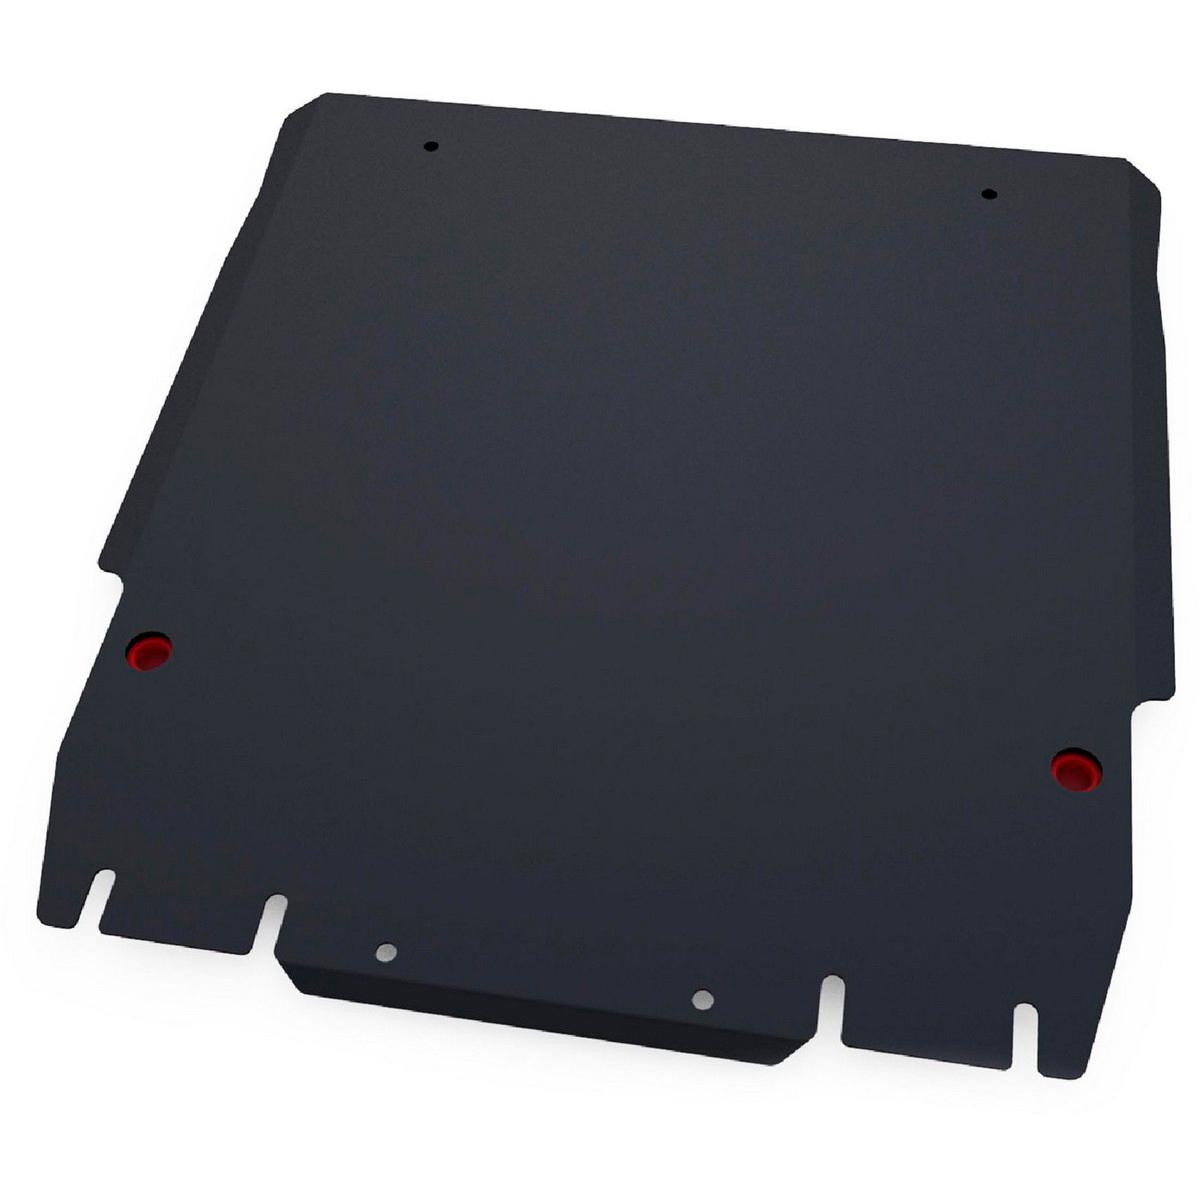 Защита картера и КПП Автоброня Lifan Breez 2006-, сталь 2 мм111.03301.1Защита картера и КПП Автоброня Lifan Breez, V - 1,3; 1,6 2006-, сталь 2 мм, комплект крепежа, 111.03301.1Стальные защиты Автоброня надежно защищают ваш автомобиль от повреждений при наезде на бордюры, выступающие канализационные люки, кромки поврежденного асфальта или при ремонте дорог, не говоря уже о загородных дорогах. - Имеют оптимальное соотношение цена-качество. - Спроектированы с учетом особенностей автомобиля, что делает установку удобной. - Защита устанавливается в штатные места кузова автомобиля. - Является надежной защитой для важных элементов на протяжении долгих лет. - Глубокий штамп дополнительно усиливает конструкцию защиты. - Подштамповка в местах крепления защищает крепеж от срезания. - Технологические отверстия там, где они необходимы для смены масла и слива воды, оборудованные заглушками, закрепленными на защите. Толщина стали 2 мм. В комплекте крепеж и инструкция по установке.Уважаемые клиенты! Обращаем ваше внимание на тот факт, что защита имеет форму, соответствующую модели данного автомобиля. Наличие глубокого штампа и лючков для смены фильтров/масла предусмотрено не на всех защитах. Фото служит для визуального восприятия товара.